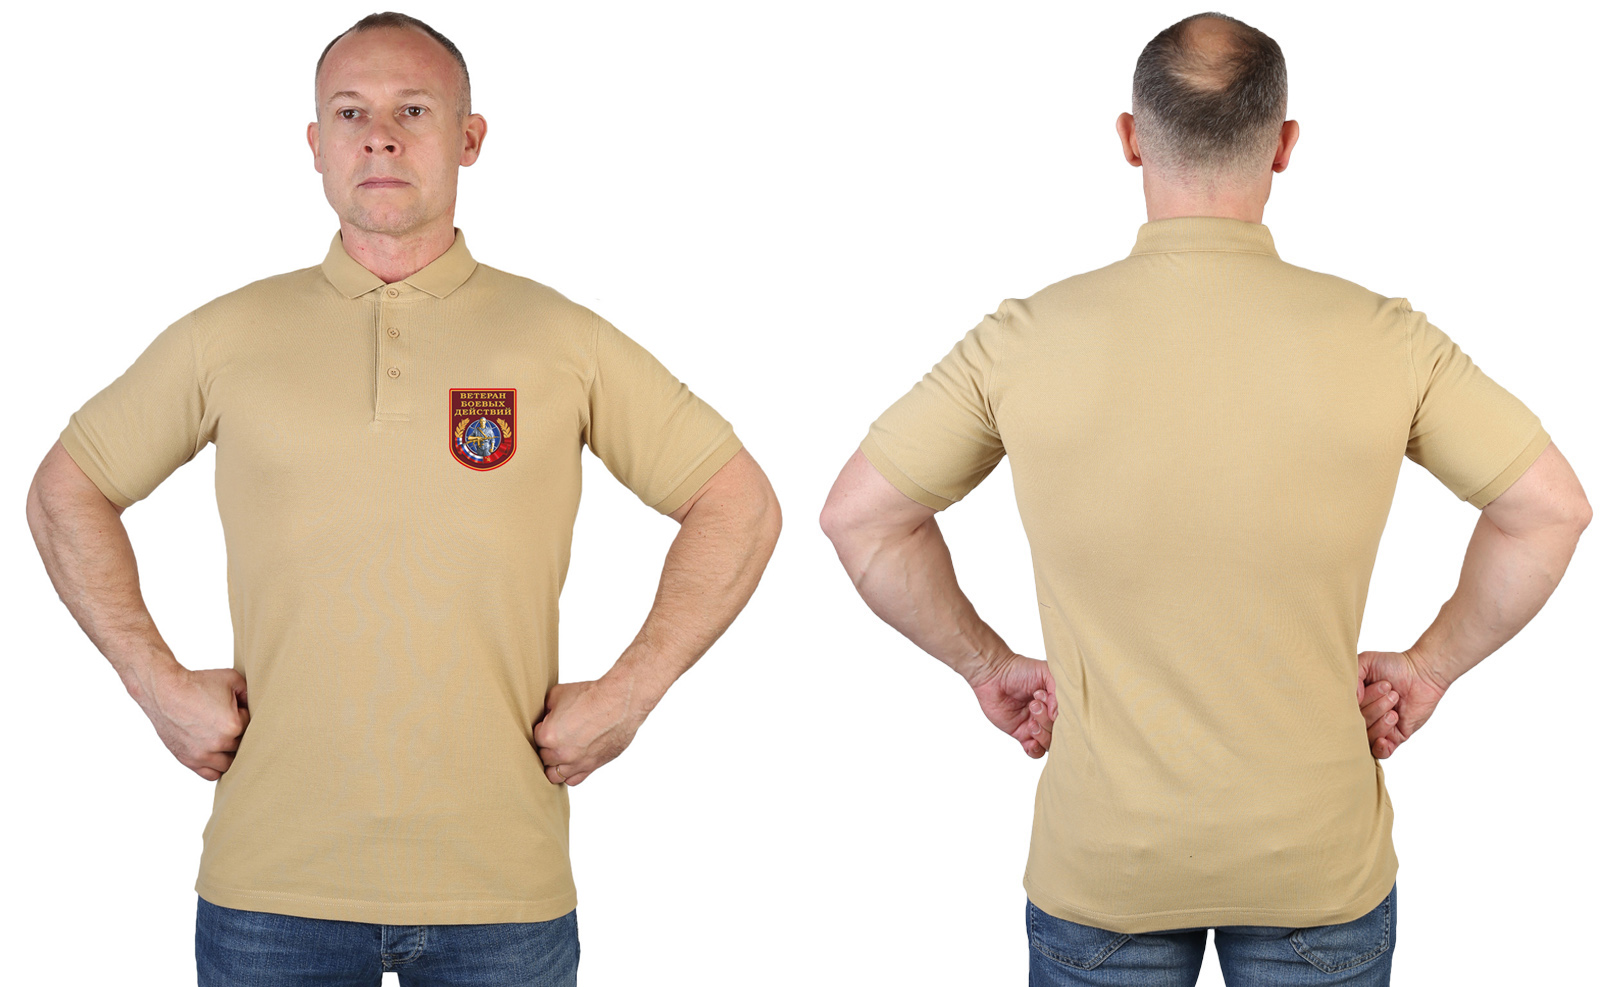 Оригинальная хлопковая футболка-поло с термонаклейкой ВБД